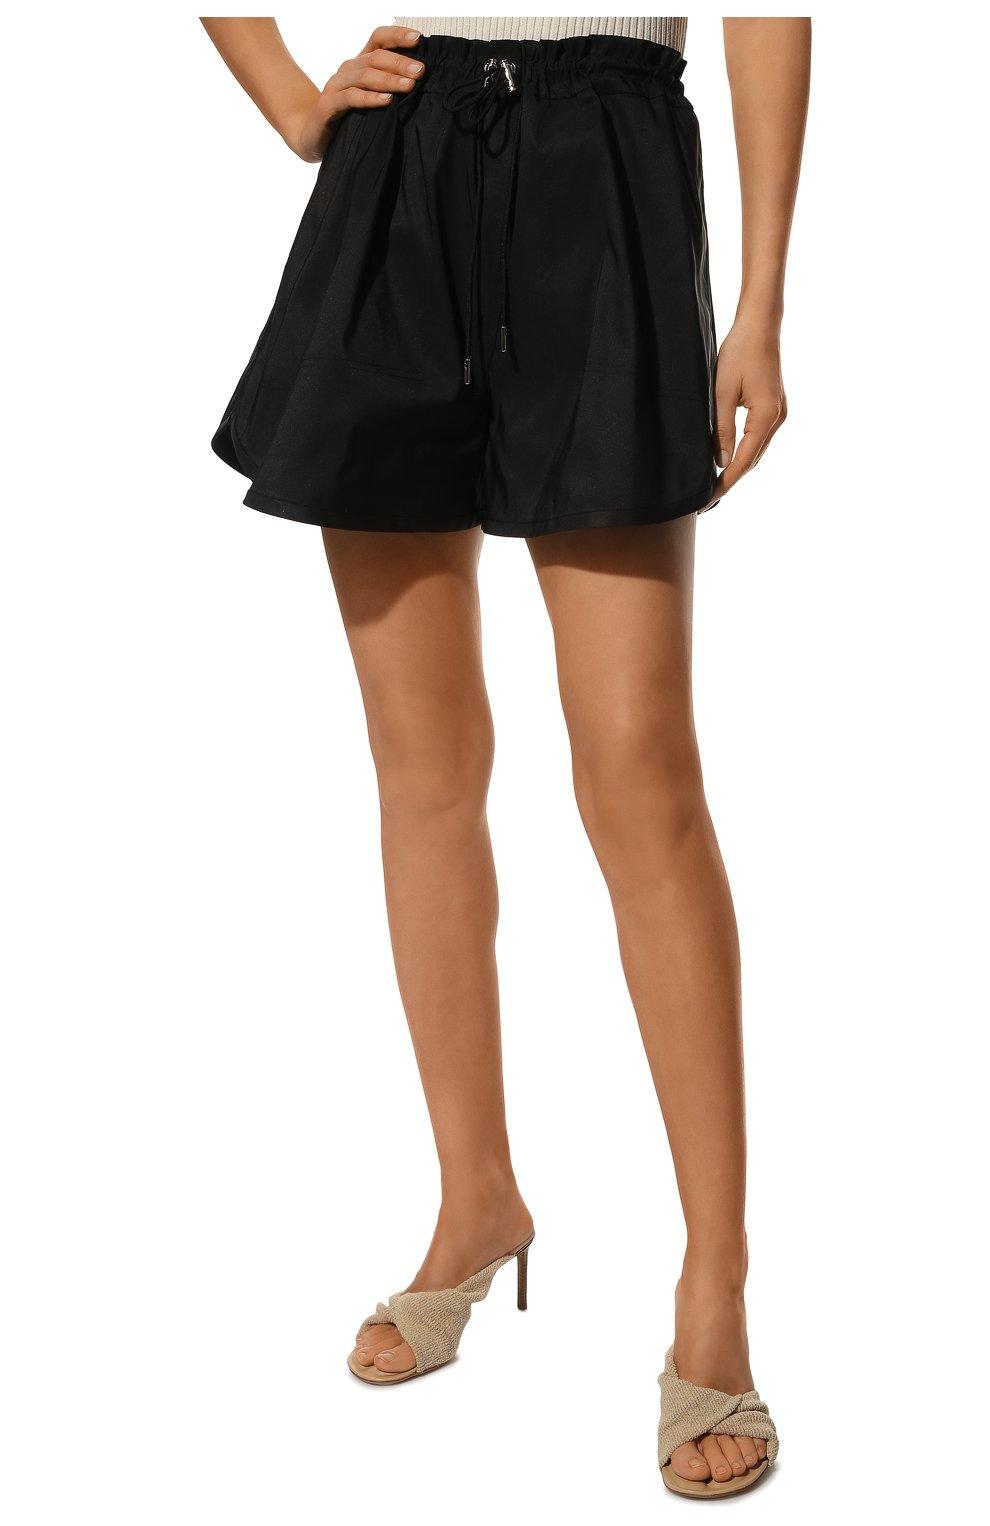 Женские шорты ALEXANDER MCQUEEN черного цвета, арт. 661560/QEACM | Фото 3 (Женское Кросс-КТ: Шорты-одежда; Длина Ж (юбки, платья, шорты): Мини; Материал внешний: Синтетический материал; Стили: Спорт-шик)